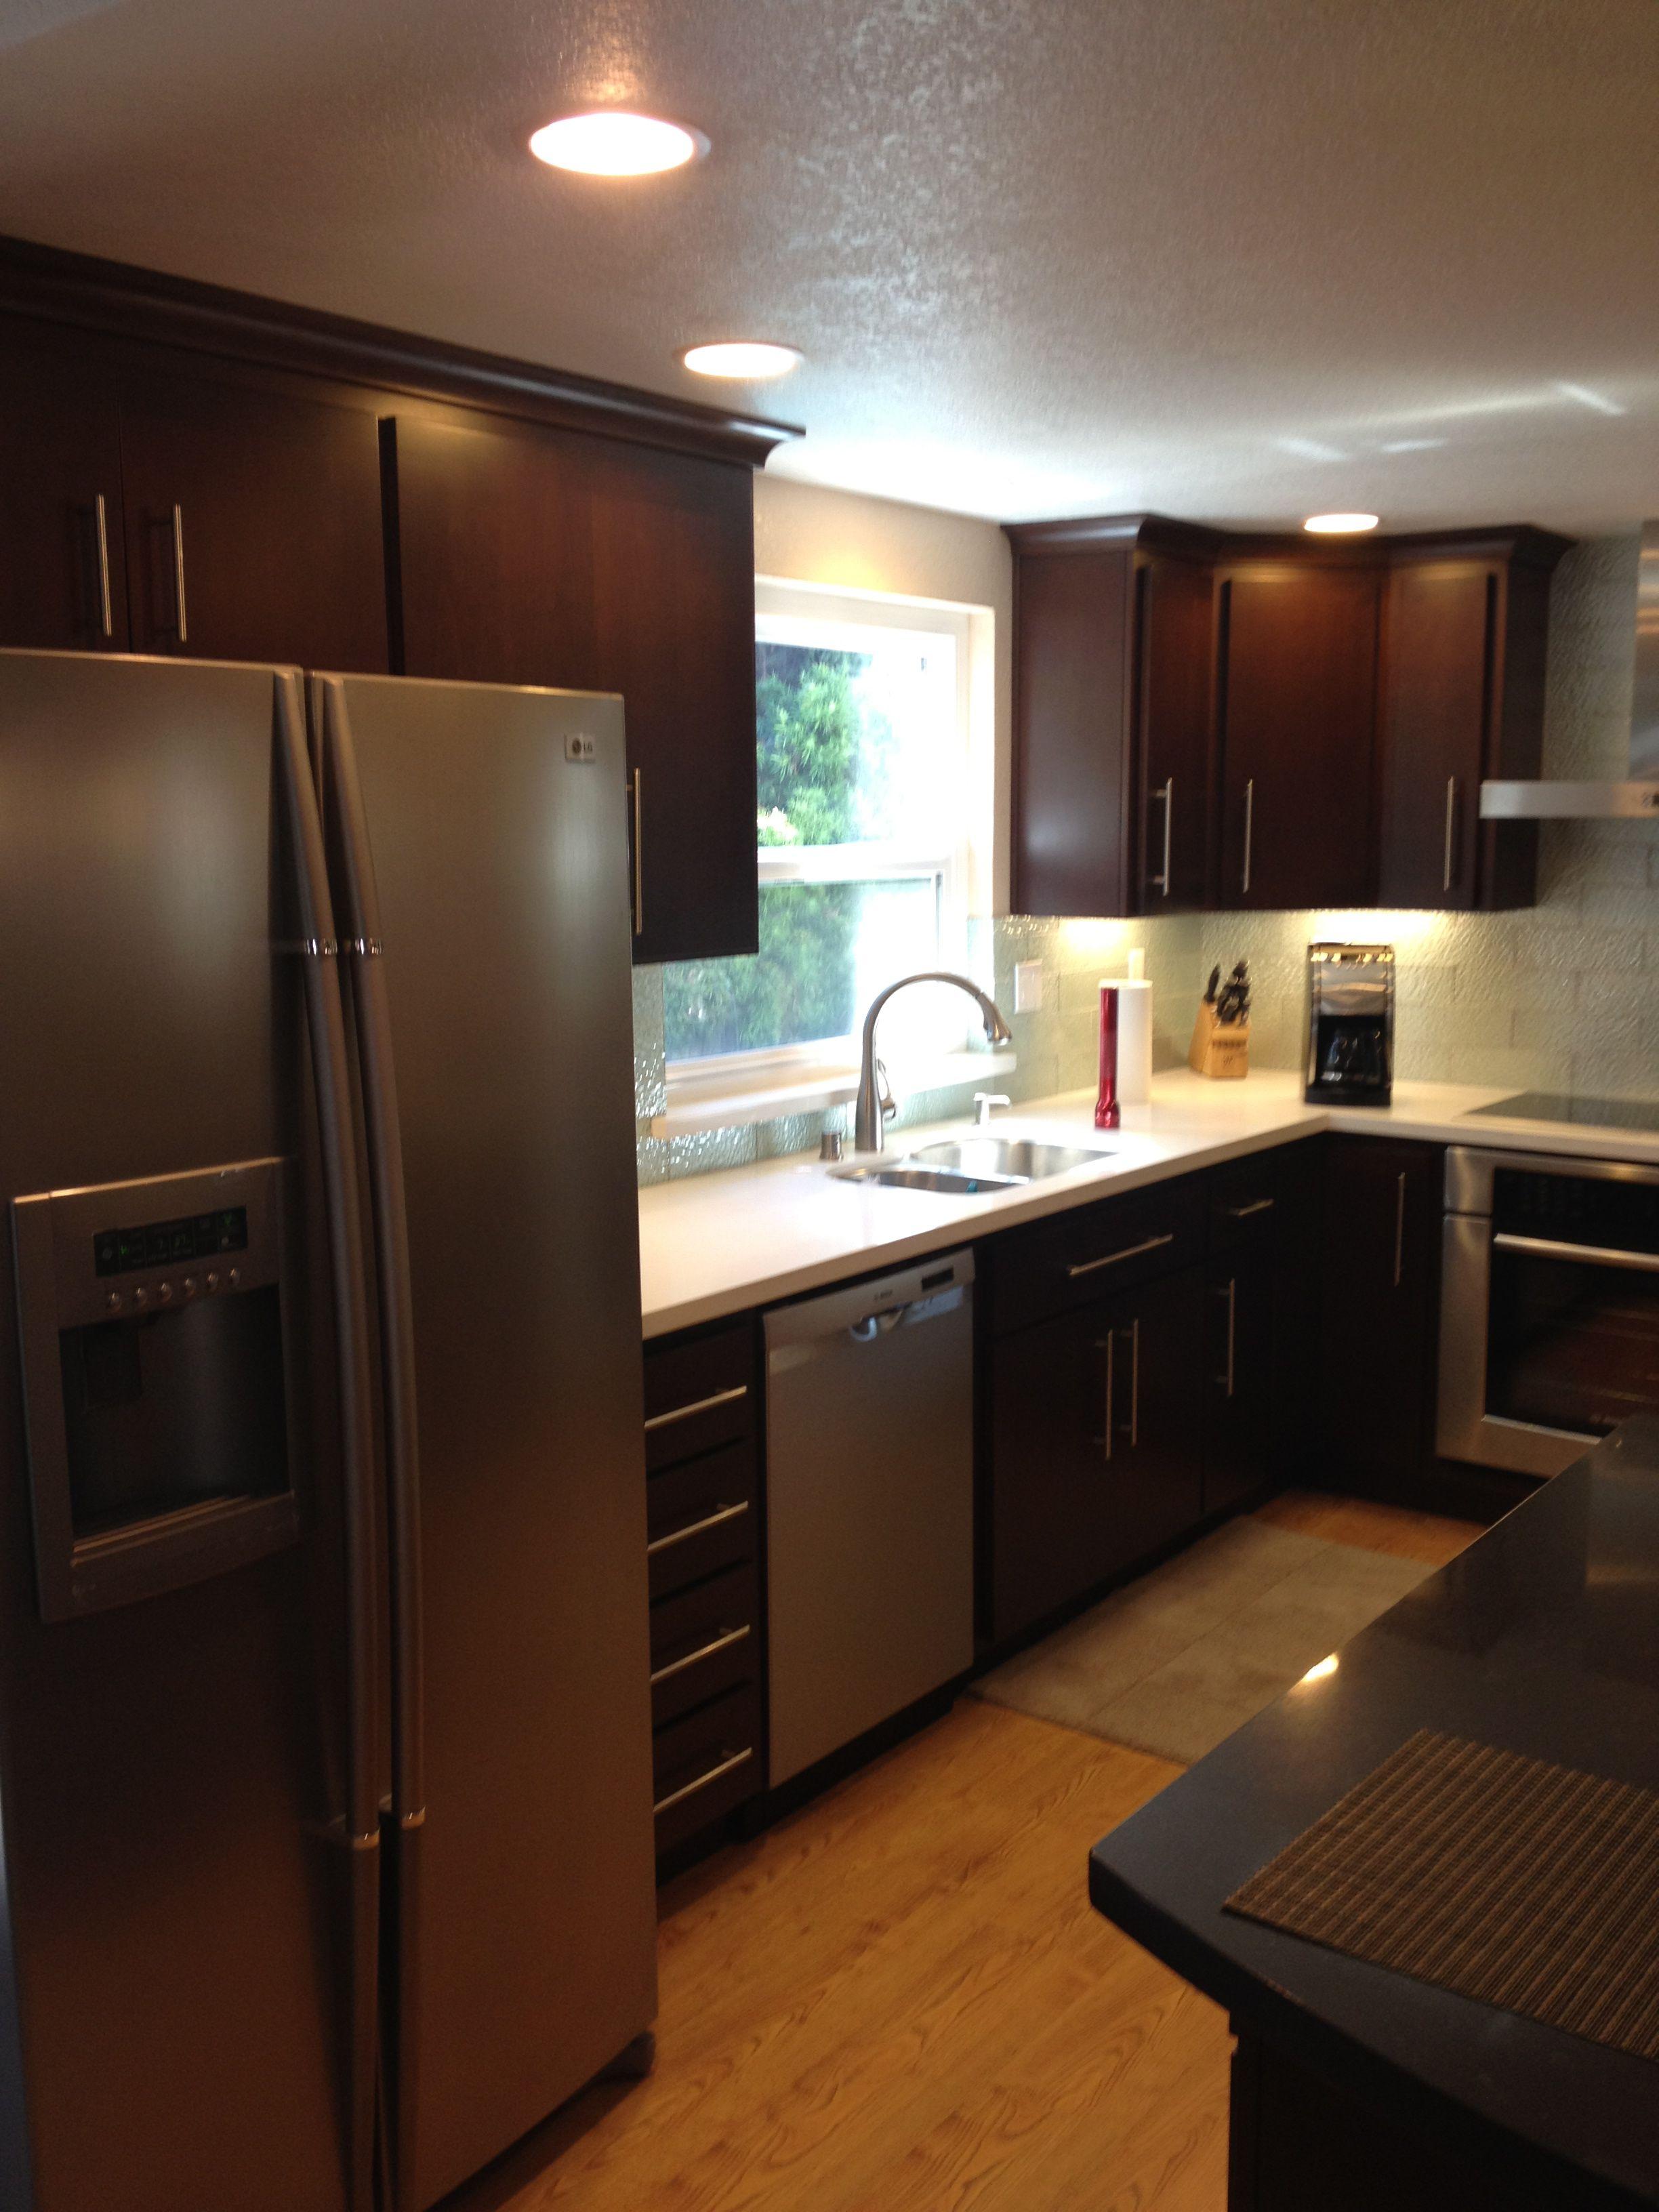 Bay area kitchen remodel kitchen remodels pinterest for Kitchen remodel bay area